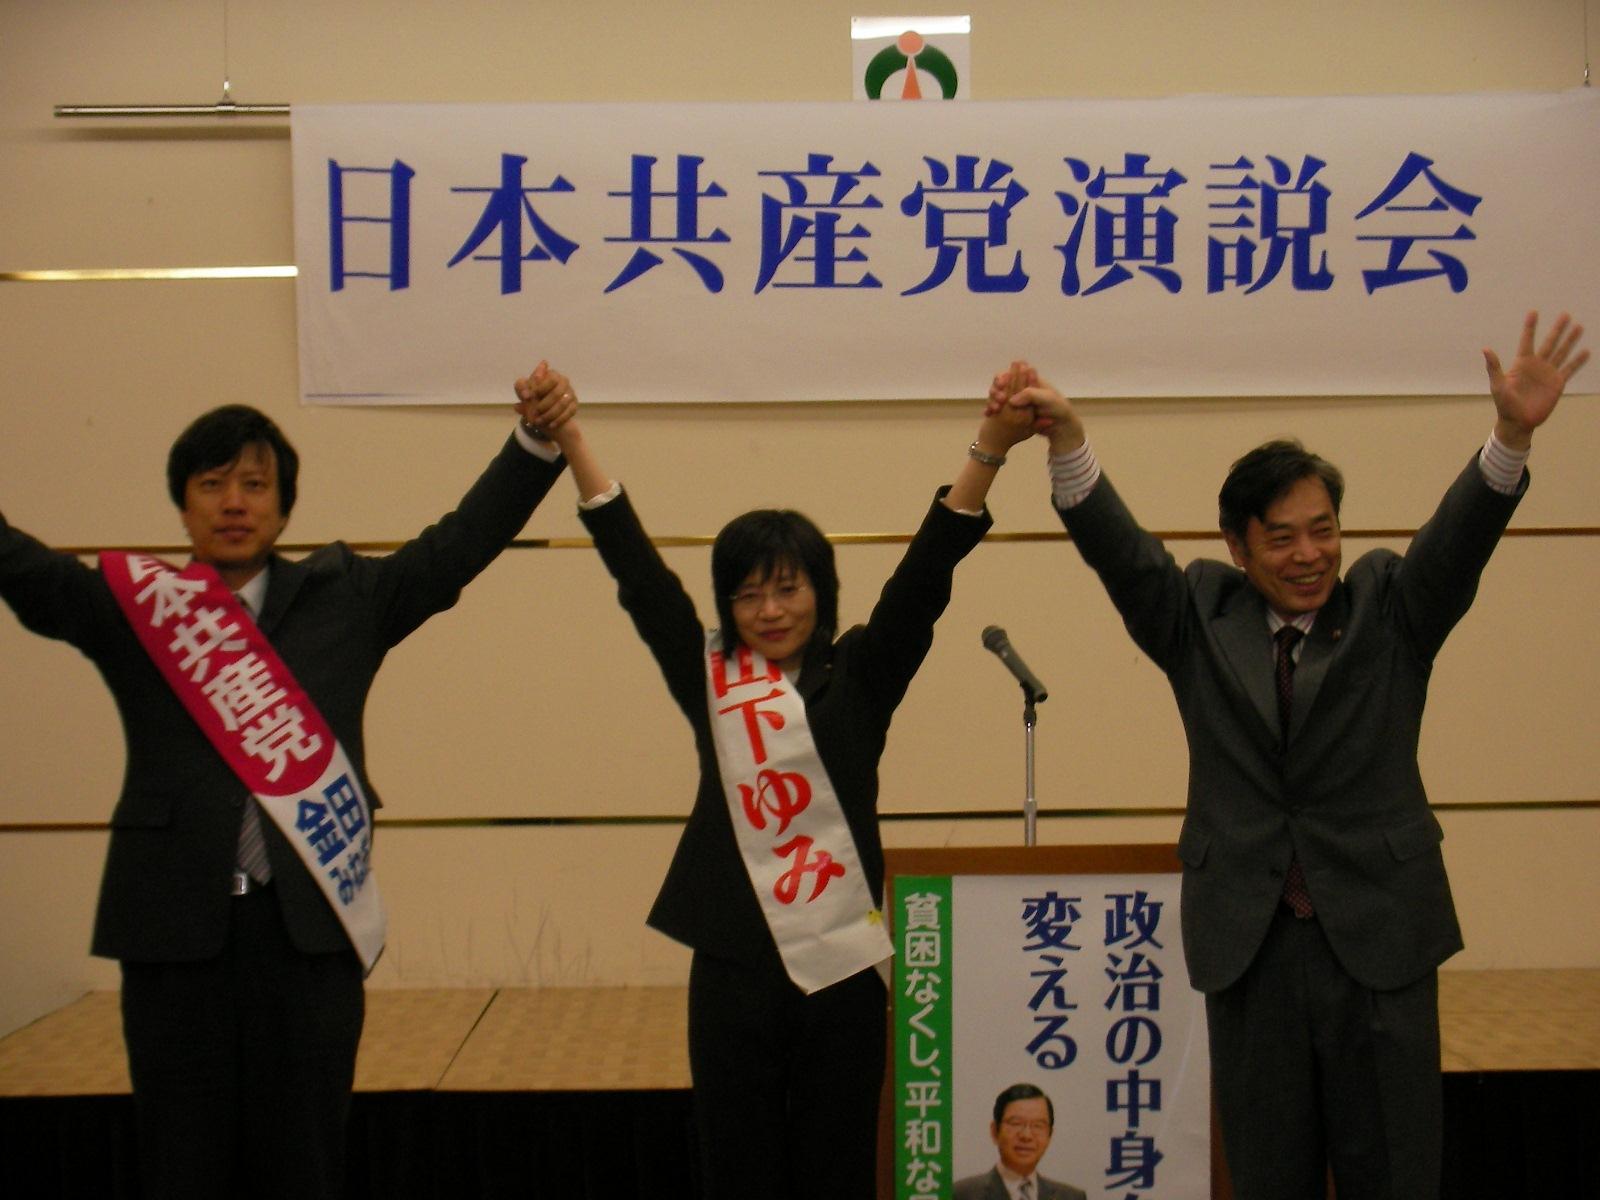 宍粟市で演説会